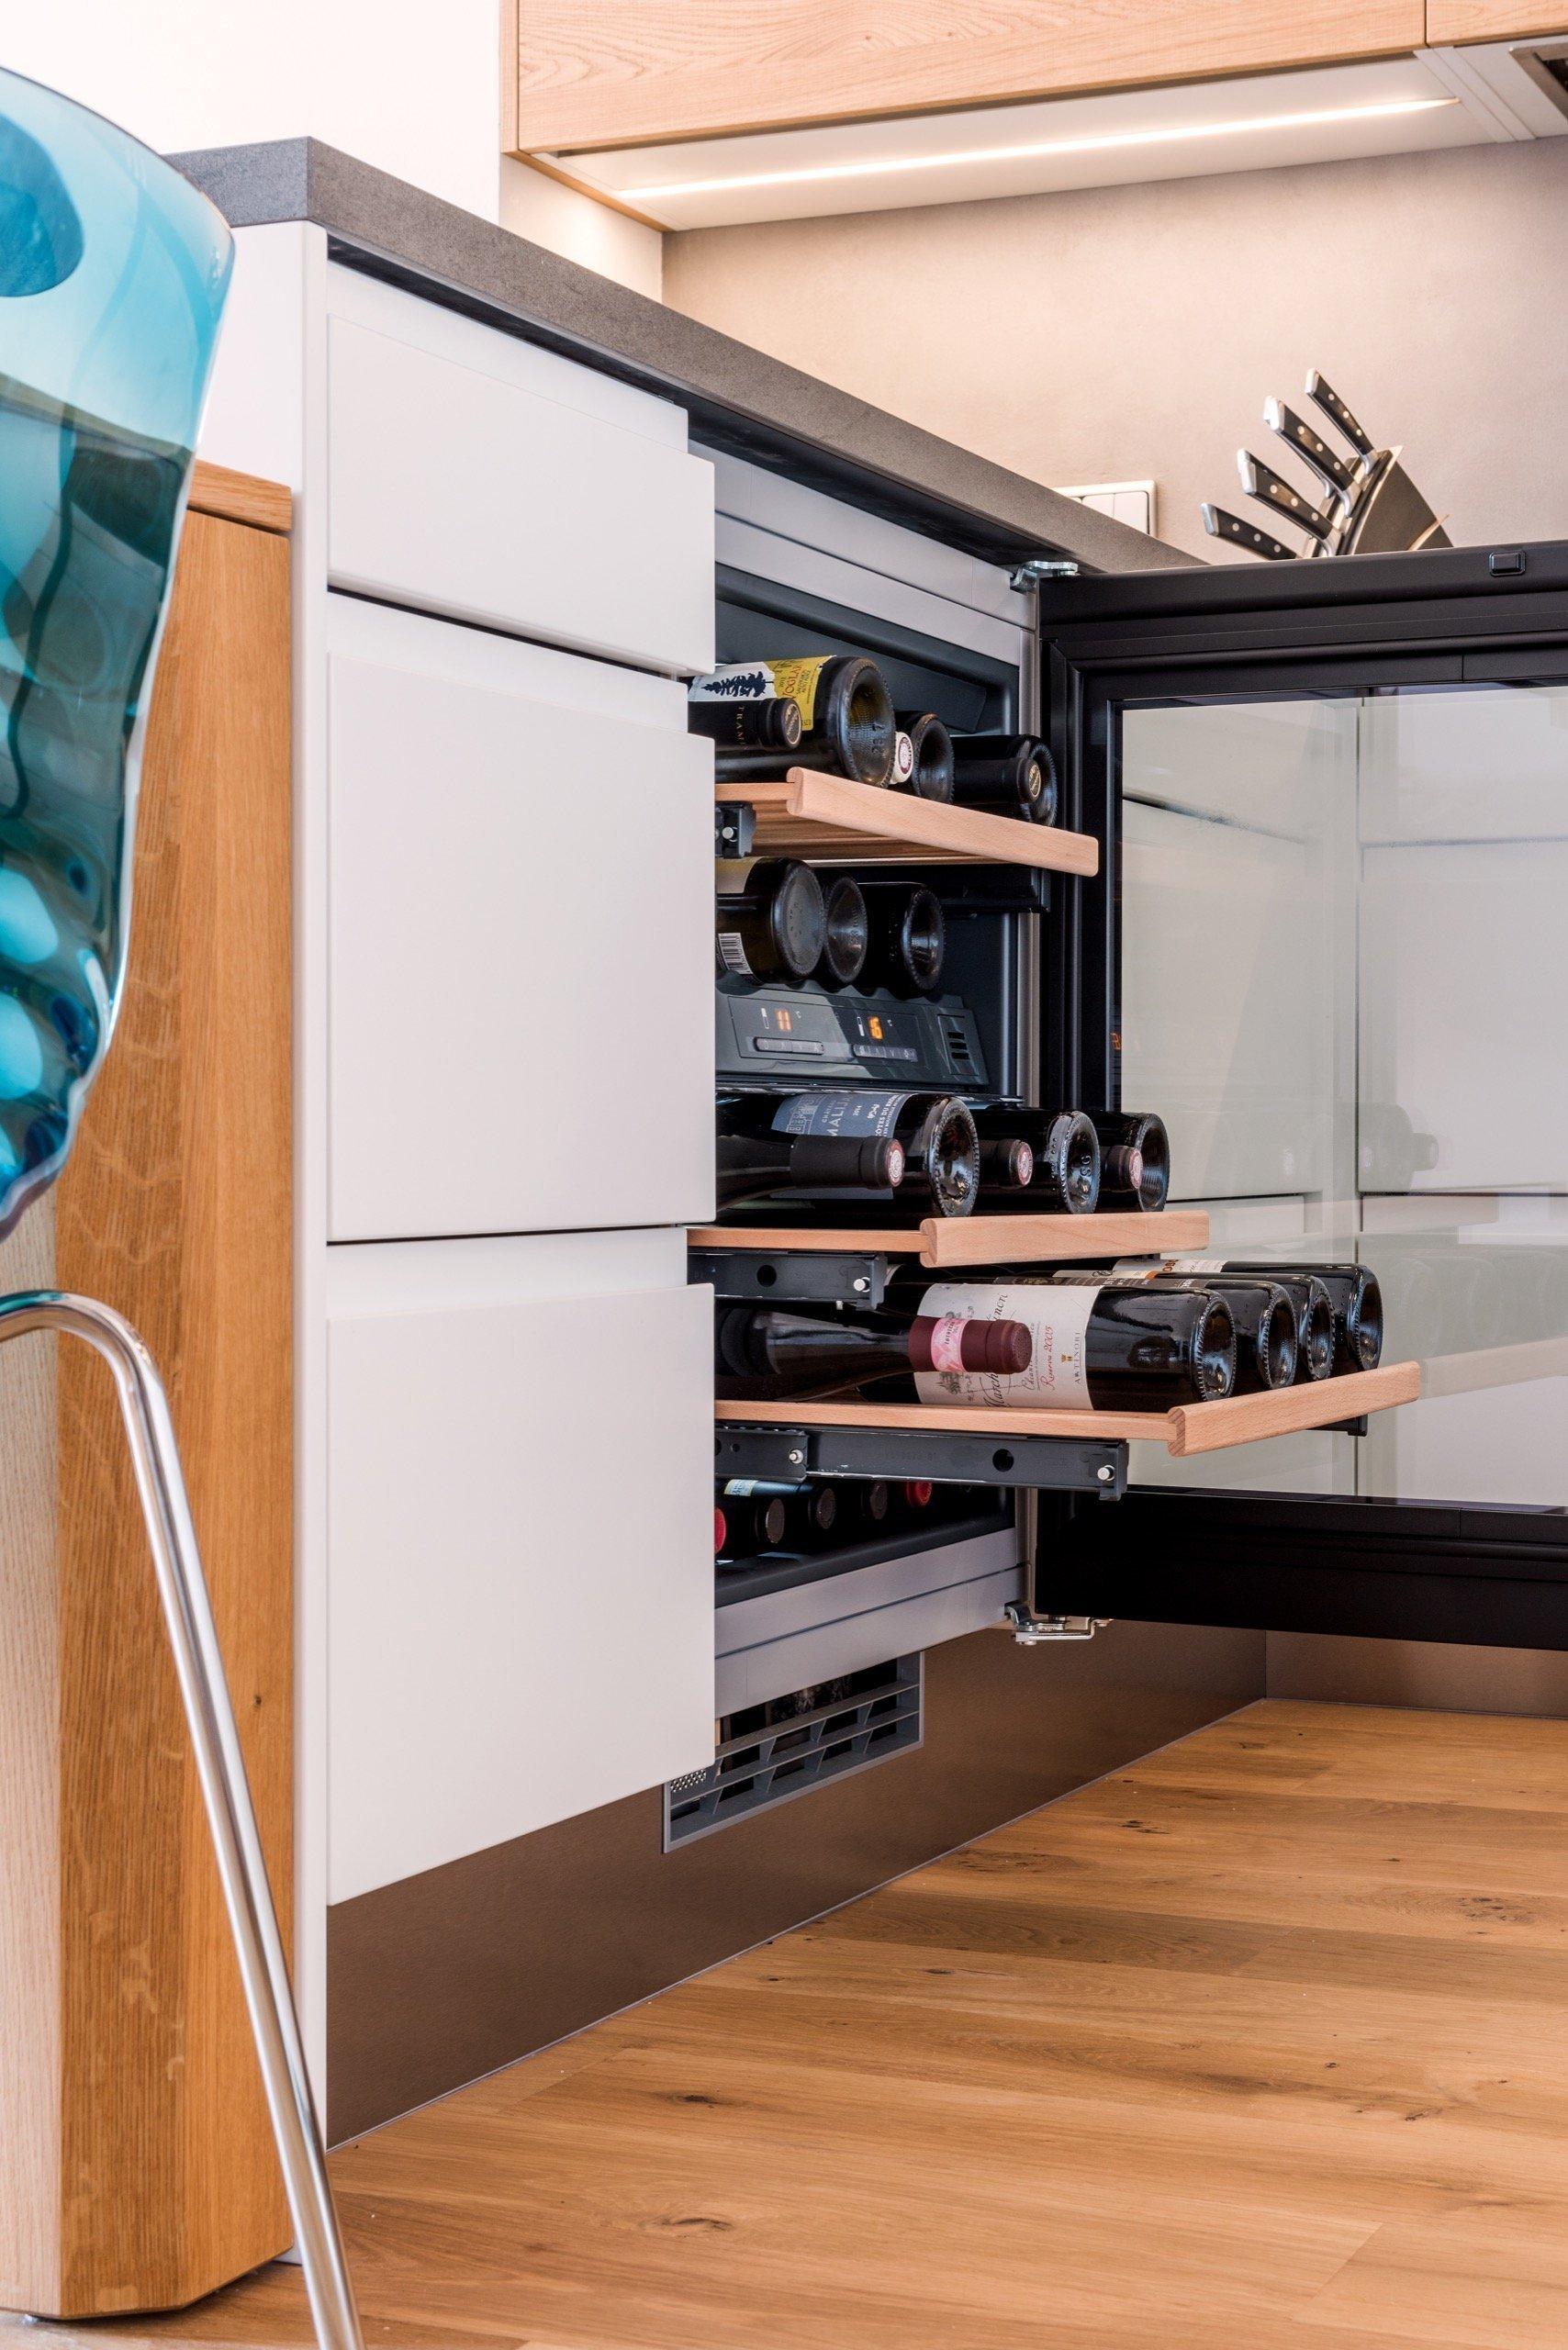 Čistokrevná kuchyně, ve které nic nechybí ani nic nepřebývá. Sofistikované plochy skříní v bílém matu jemně vykreslují prostor, zatímco dubové dřevo s…